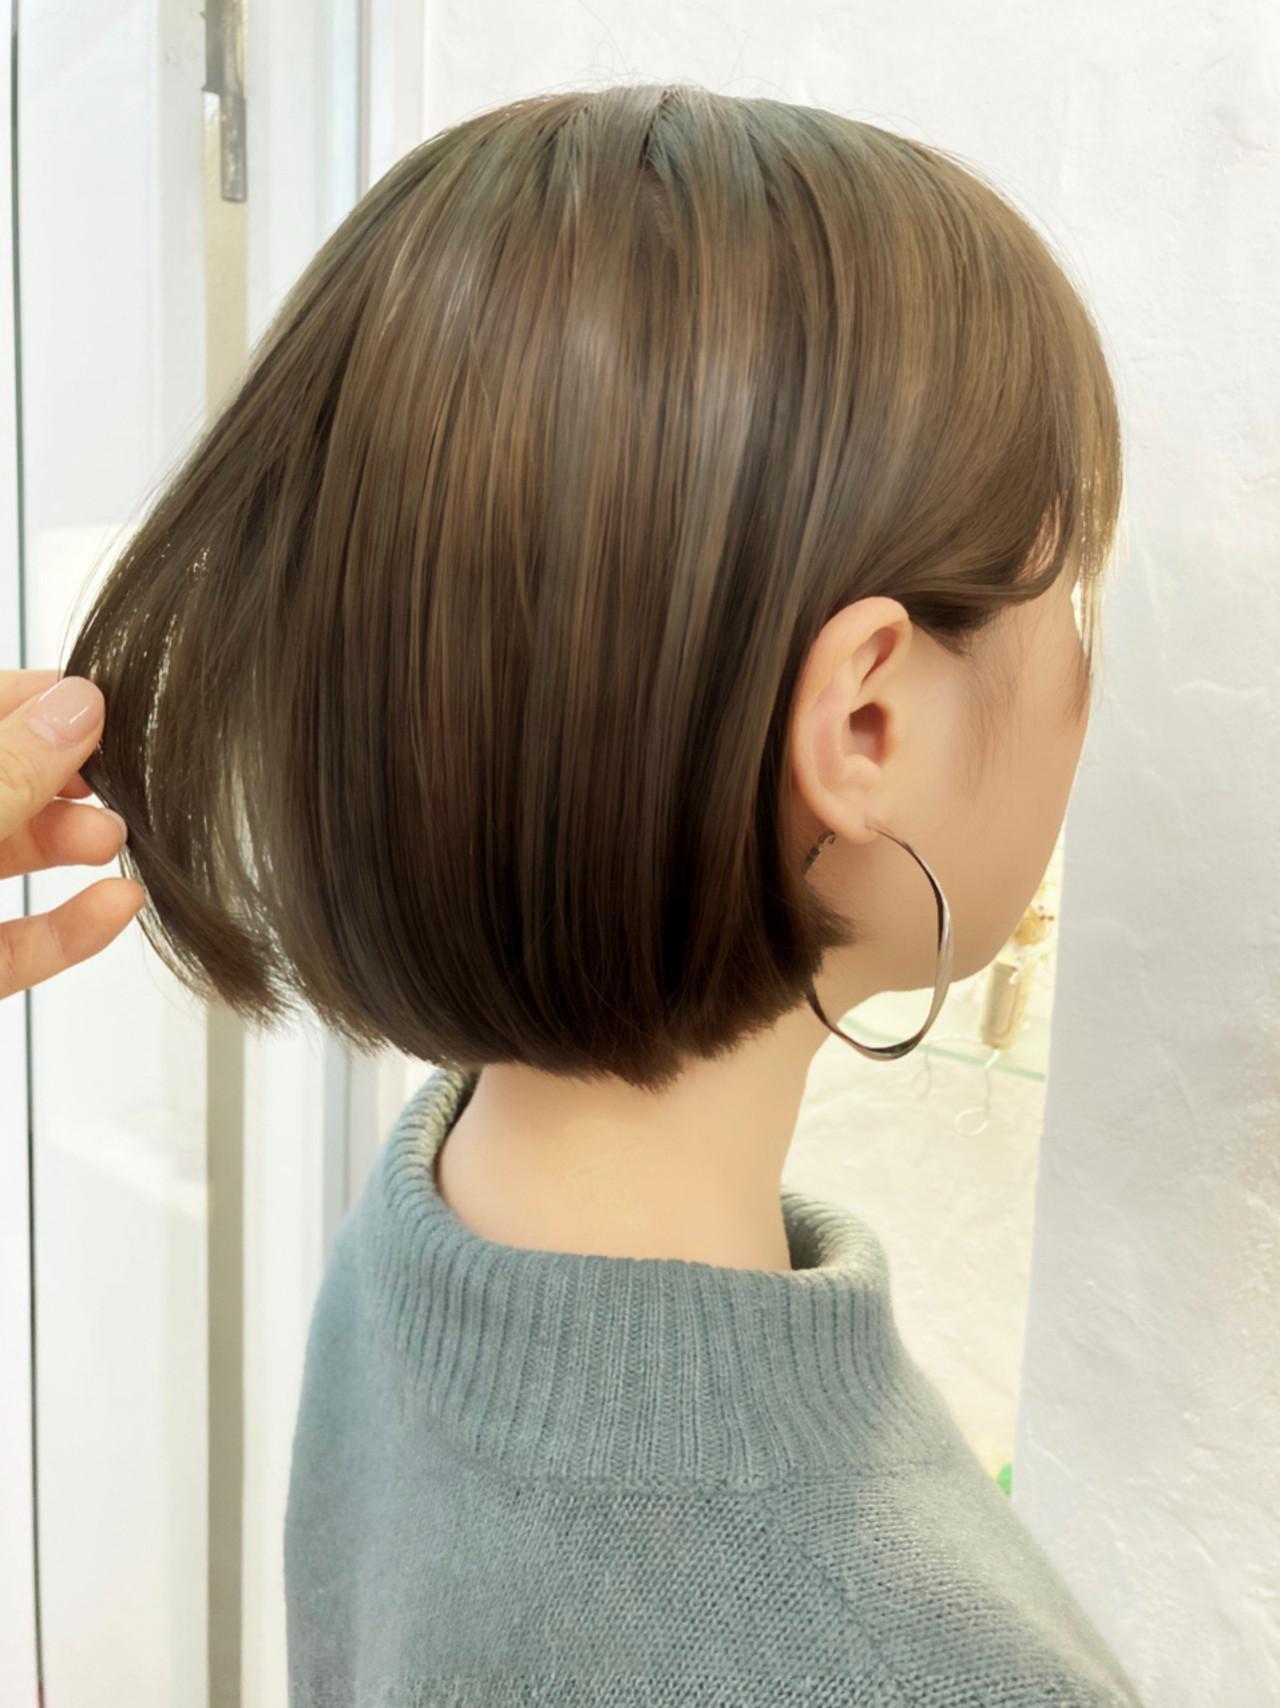 ボブ オリーブアッシュ 透明感カラー ミニボブ ヘアスタイルや髪型の写真・画像 | 小林 カナ / PREGO 【プレーゴ】